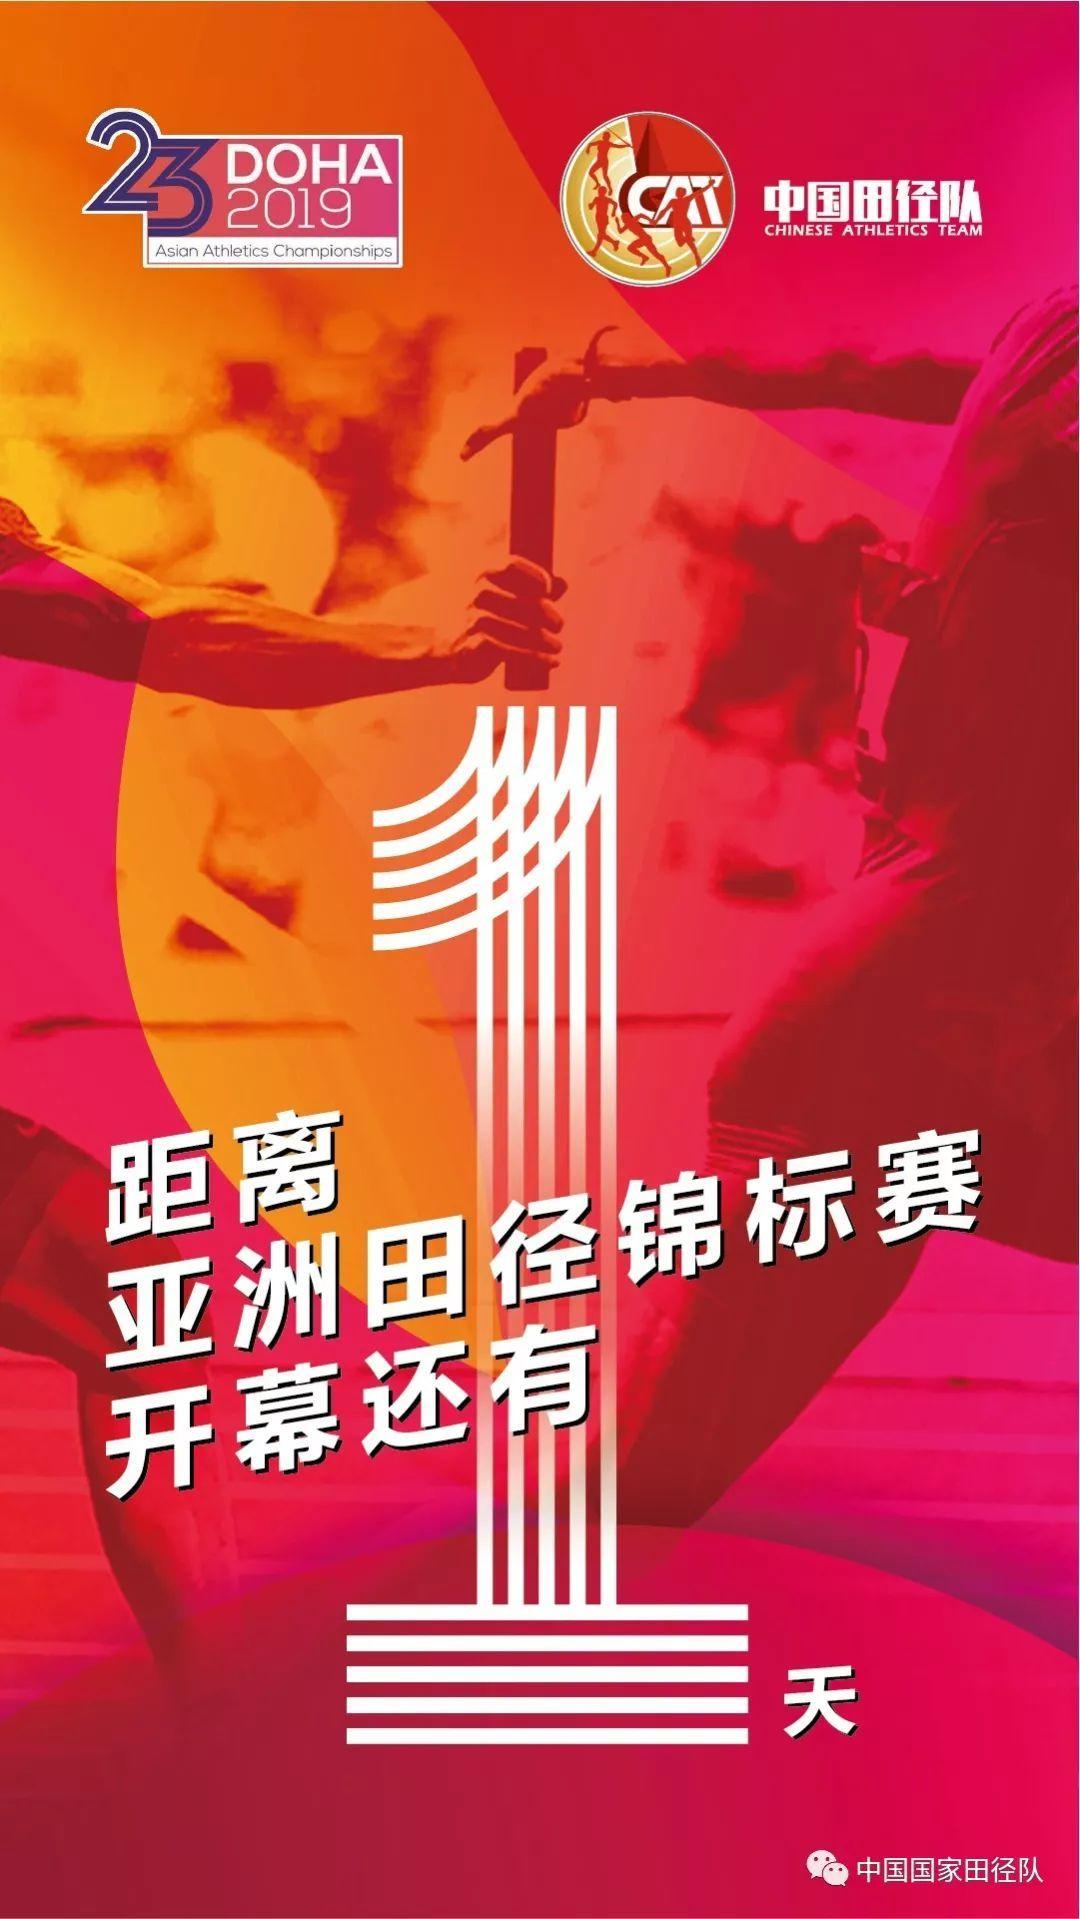 亚锦赛倒计时1天!中国田径备战在多哈